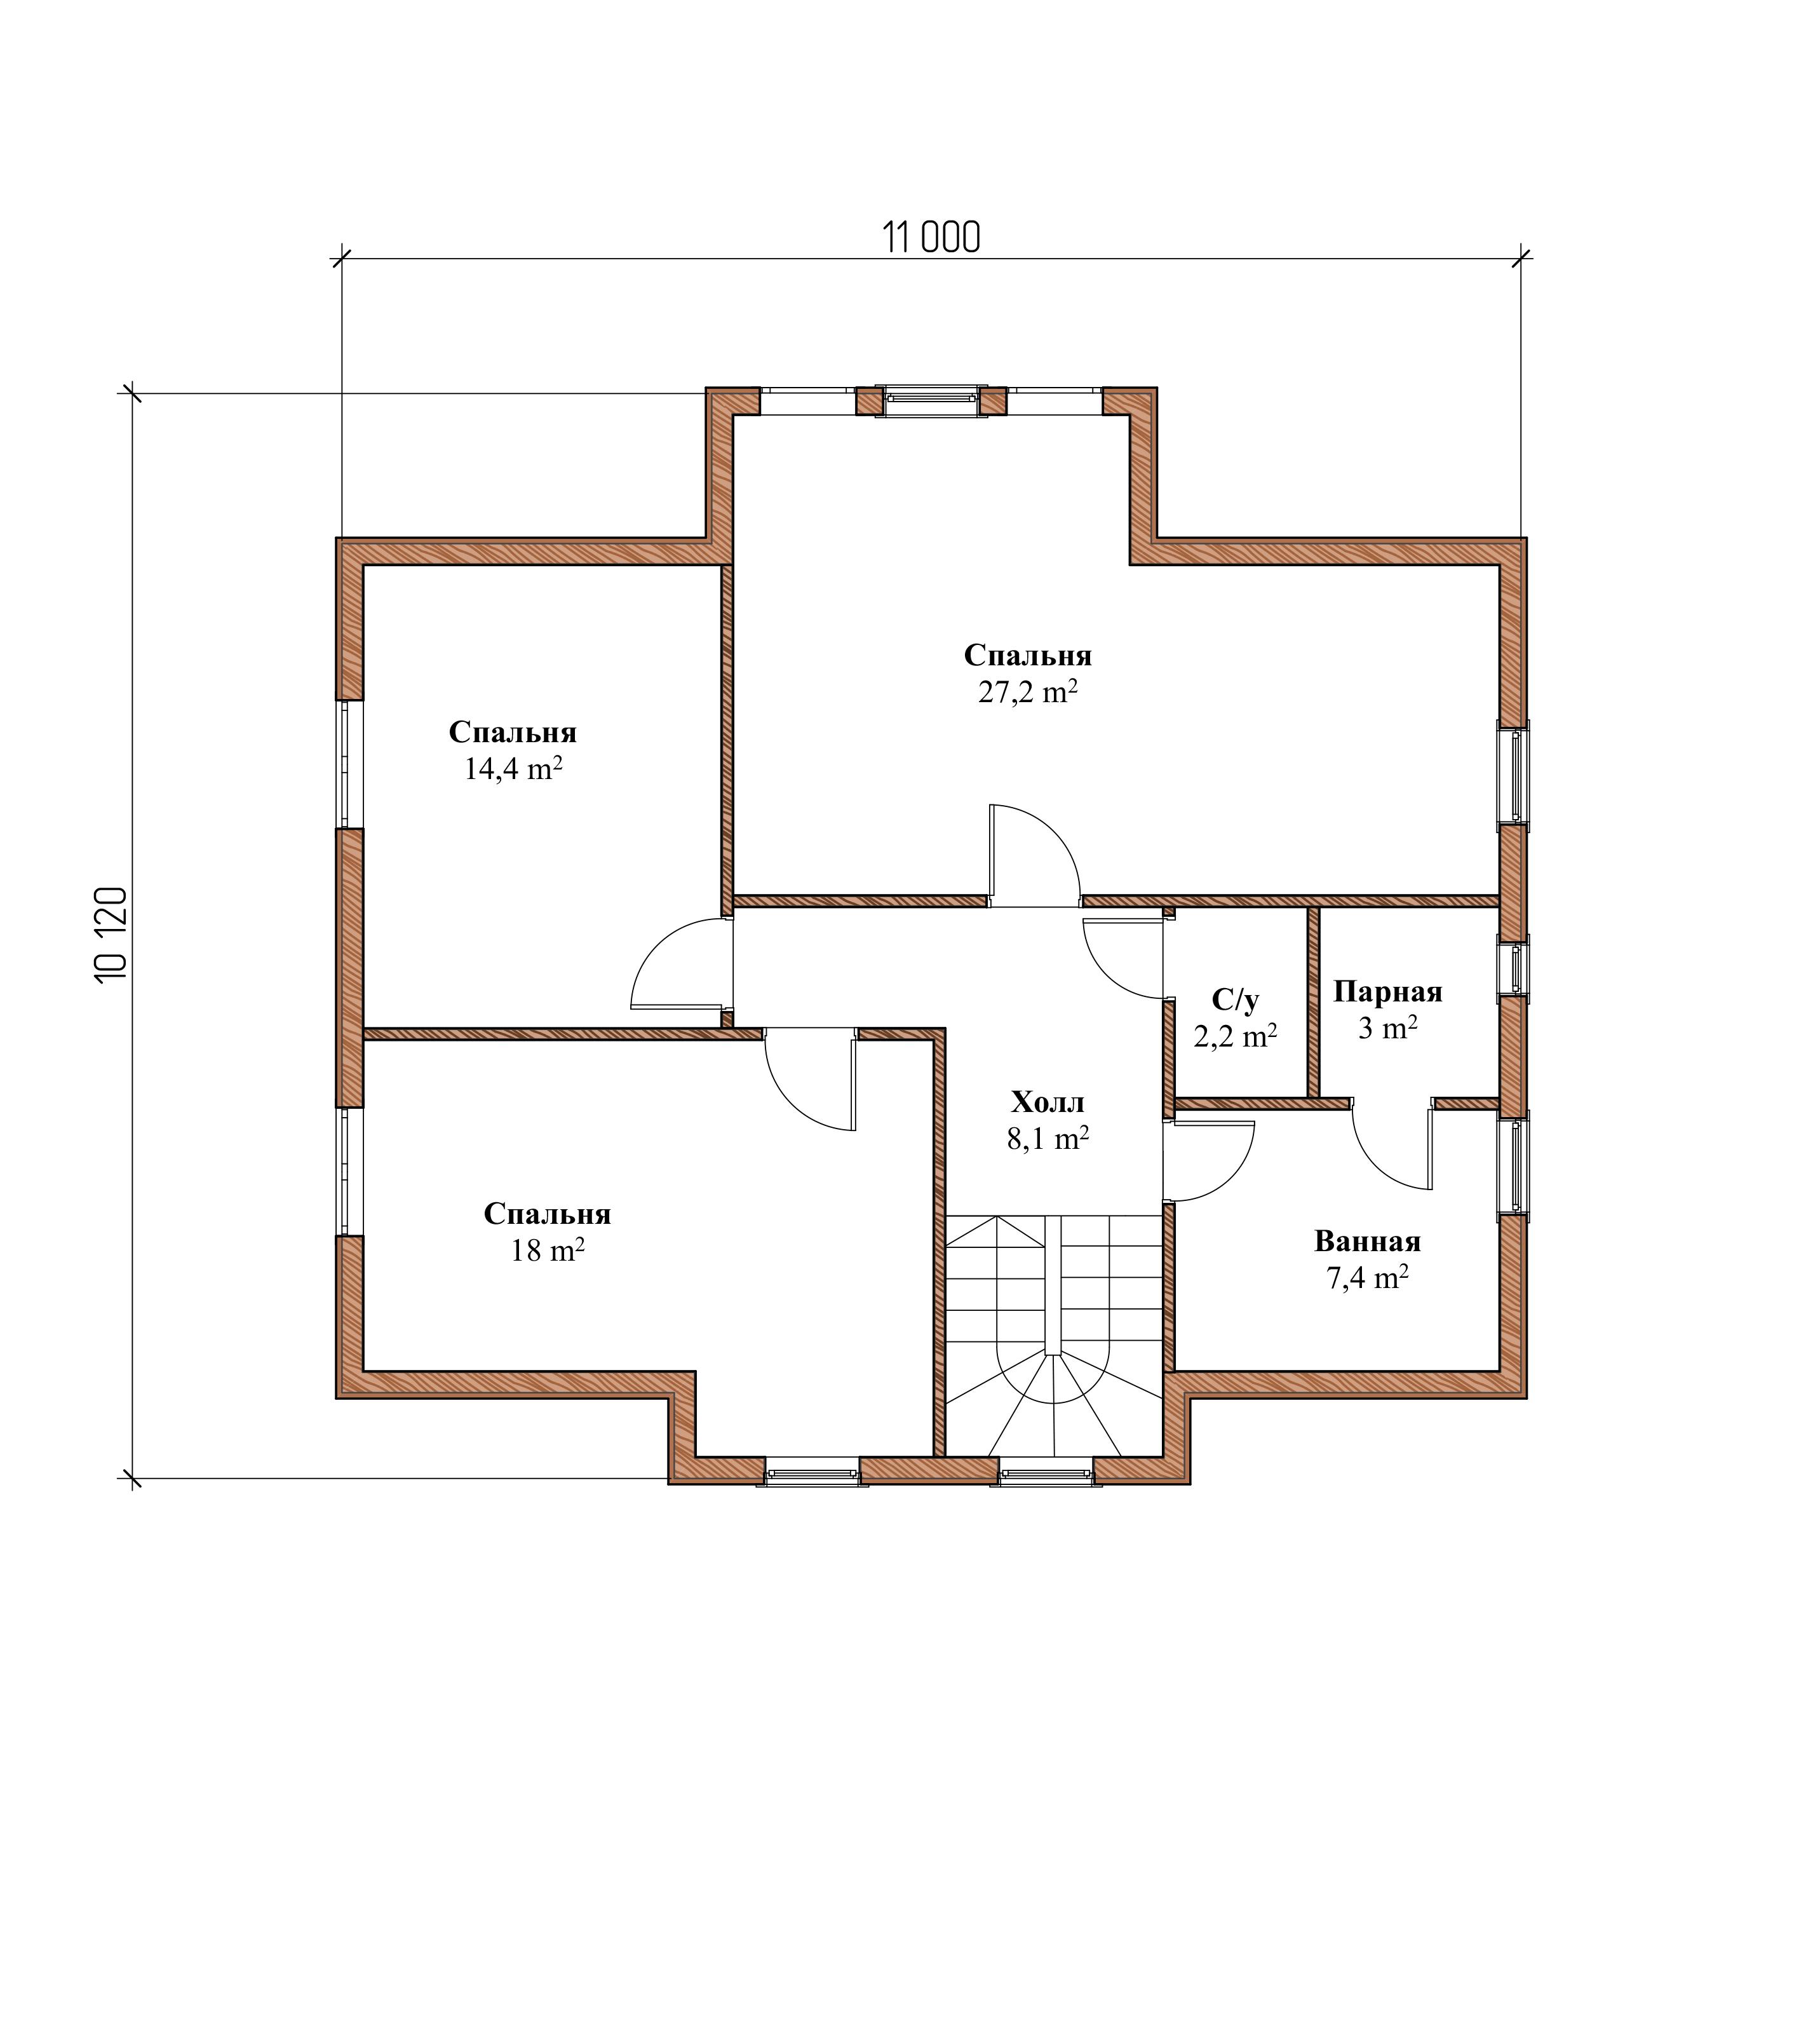 Проект каркасного дома К-1. Общая площадь 200 м2 план